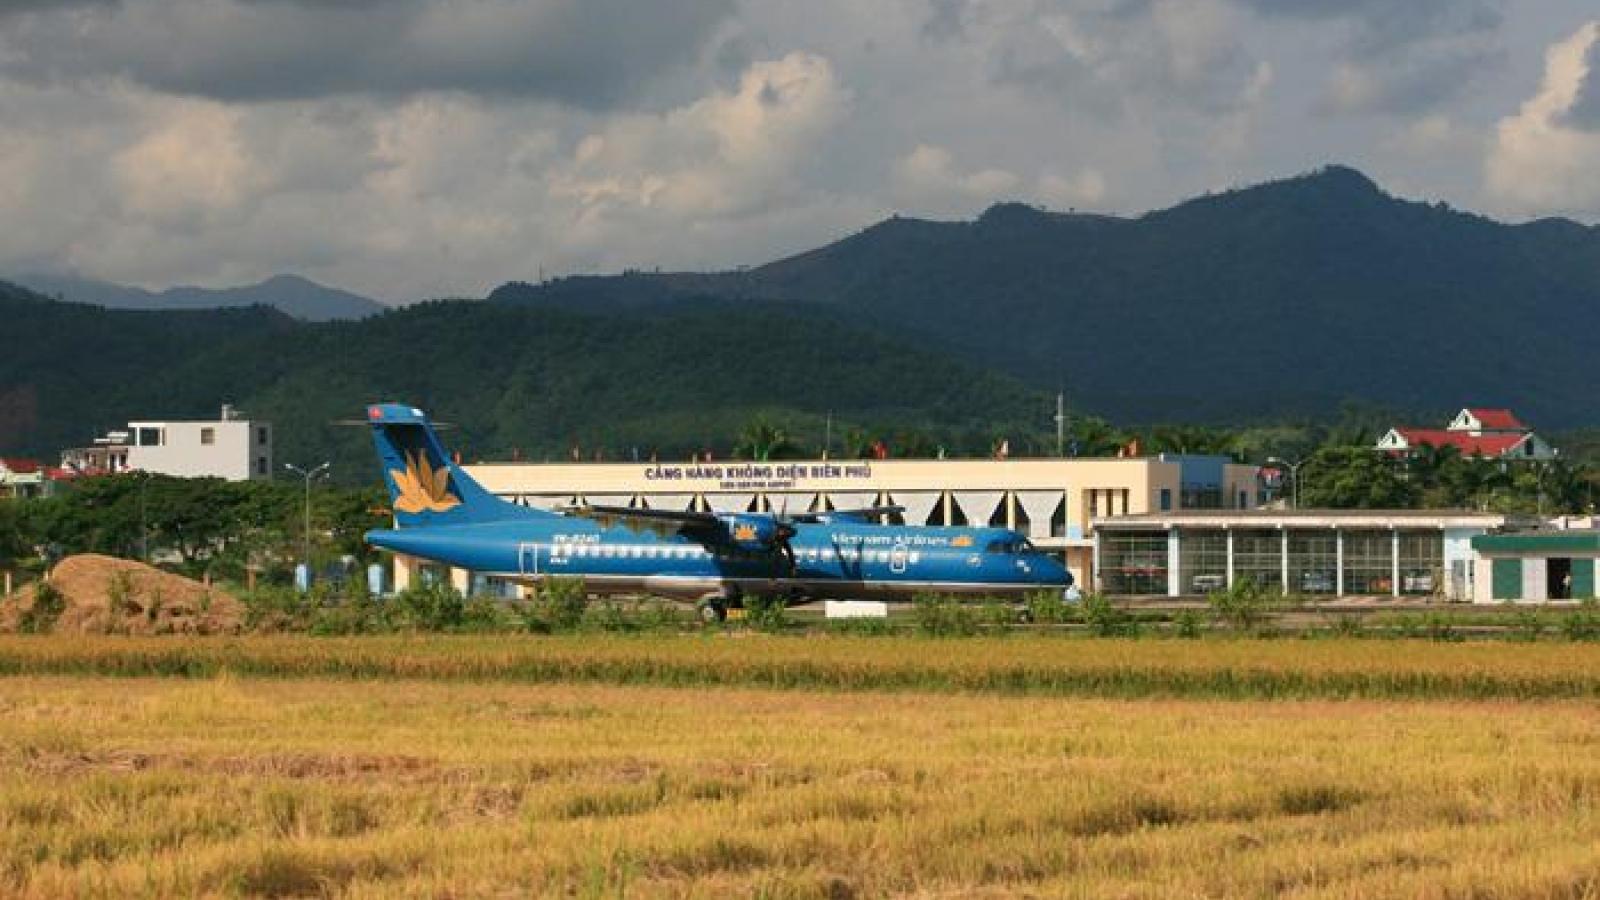 Kiến nghị mở rộng sân bay Điện Biên đạt công suất 0,5 triệu hành khách/năm